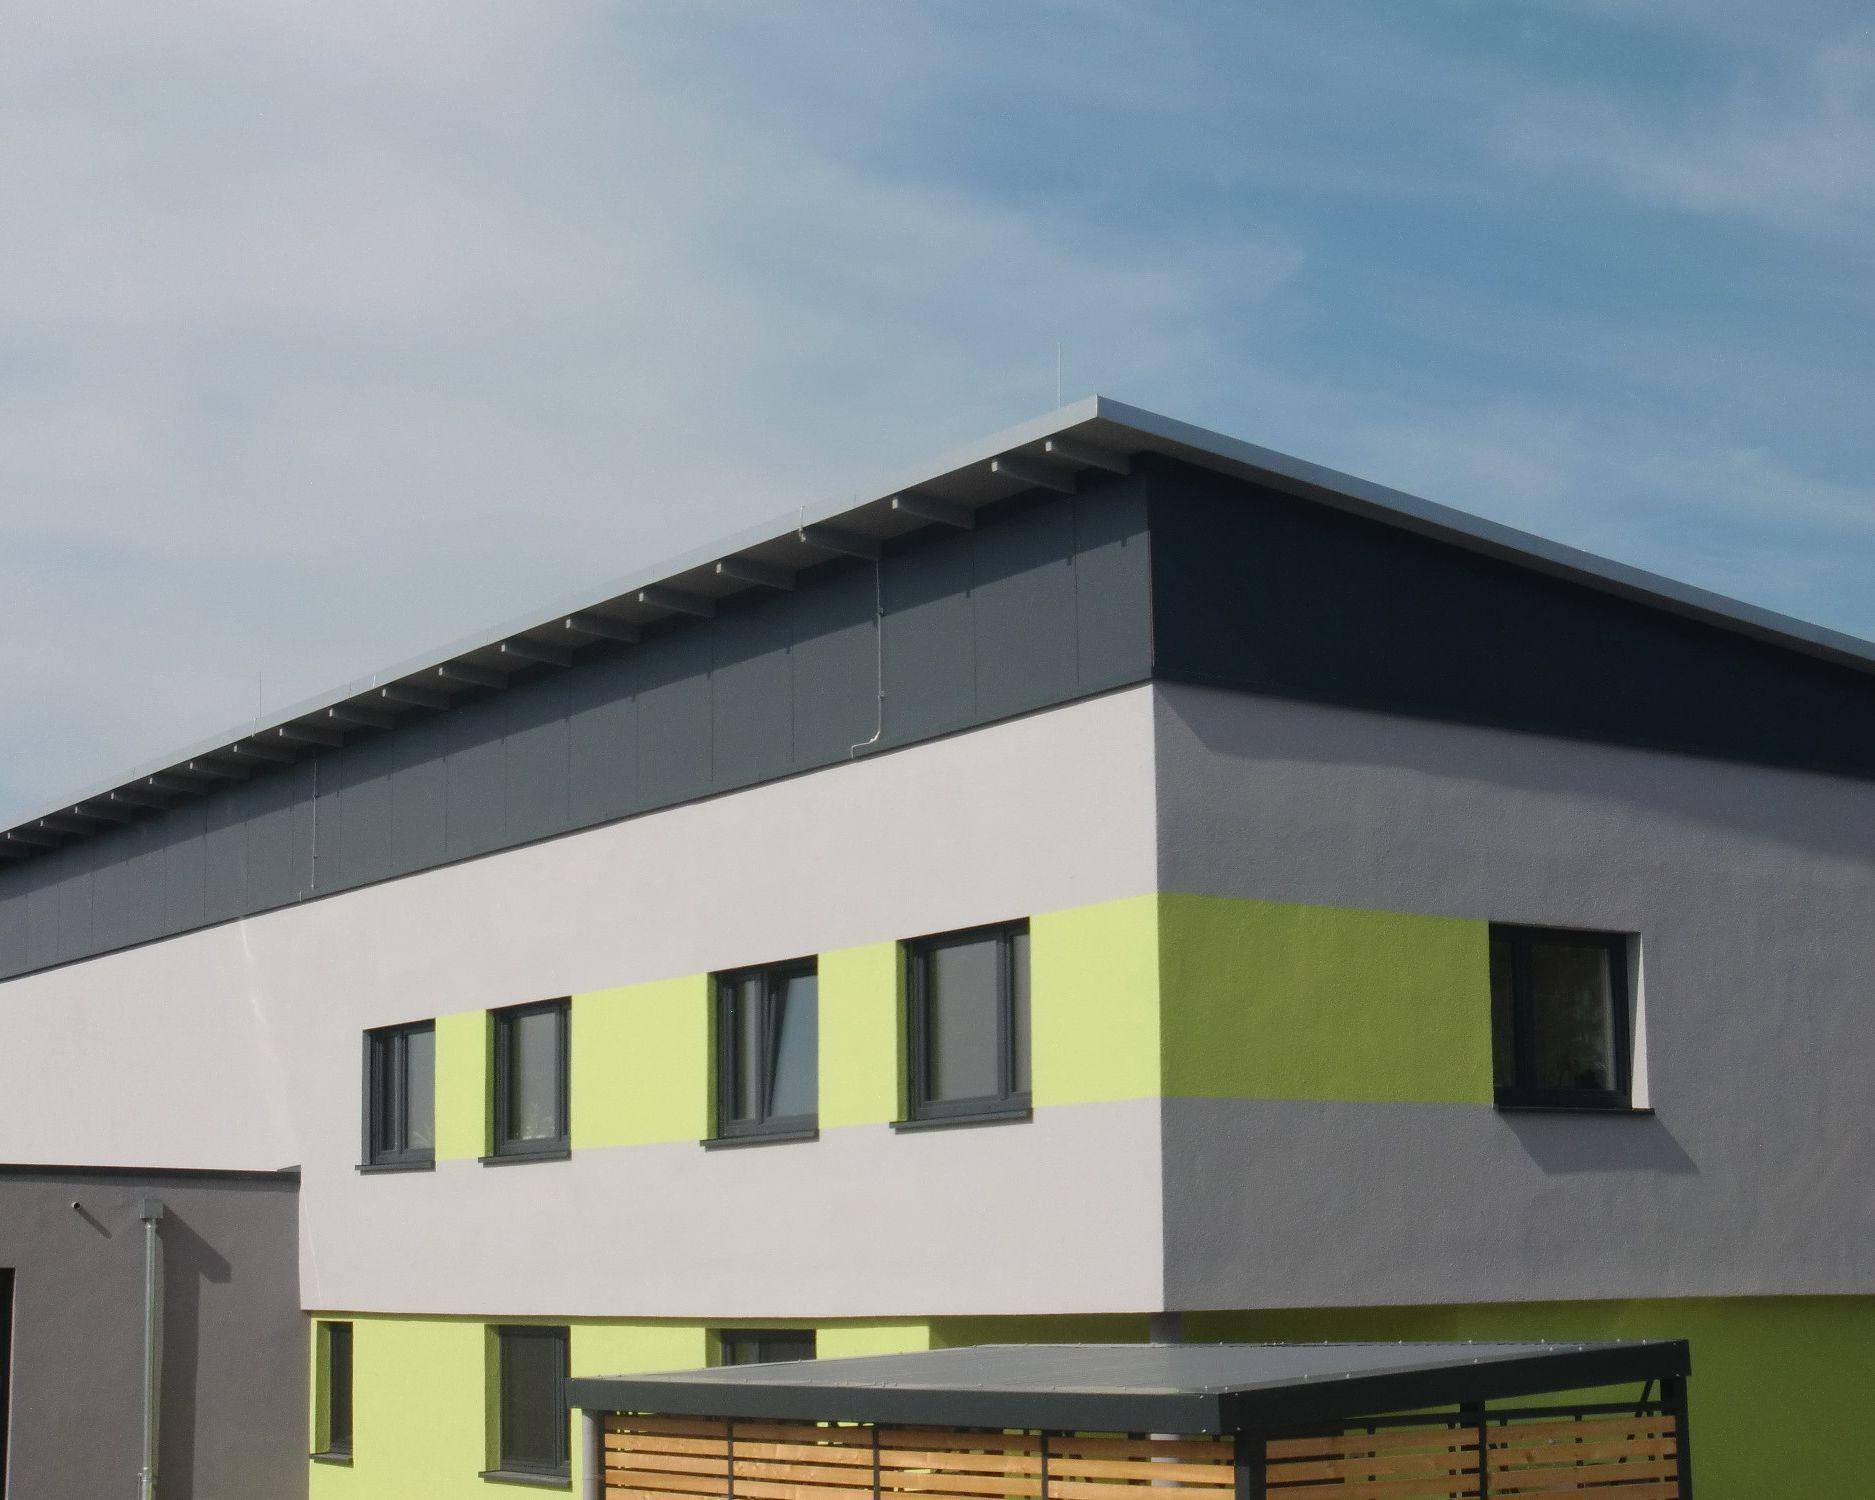 Fassadenverkleidung unter dem Pultdach mit HPL-Platten.